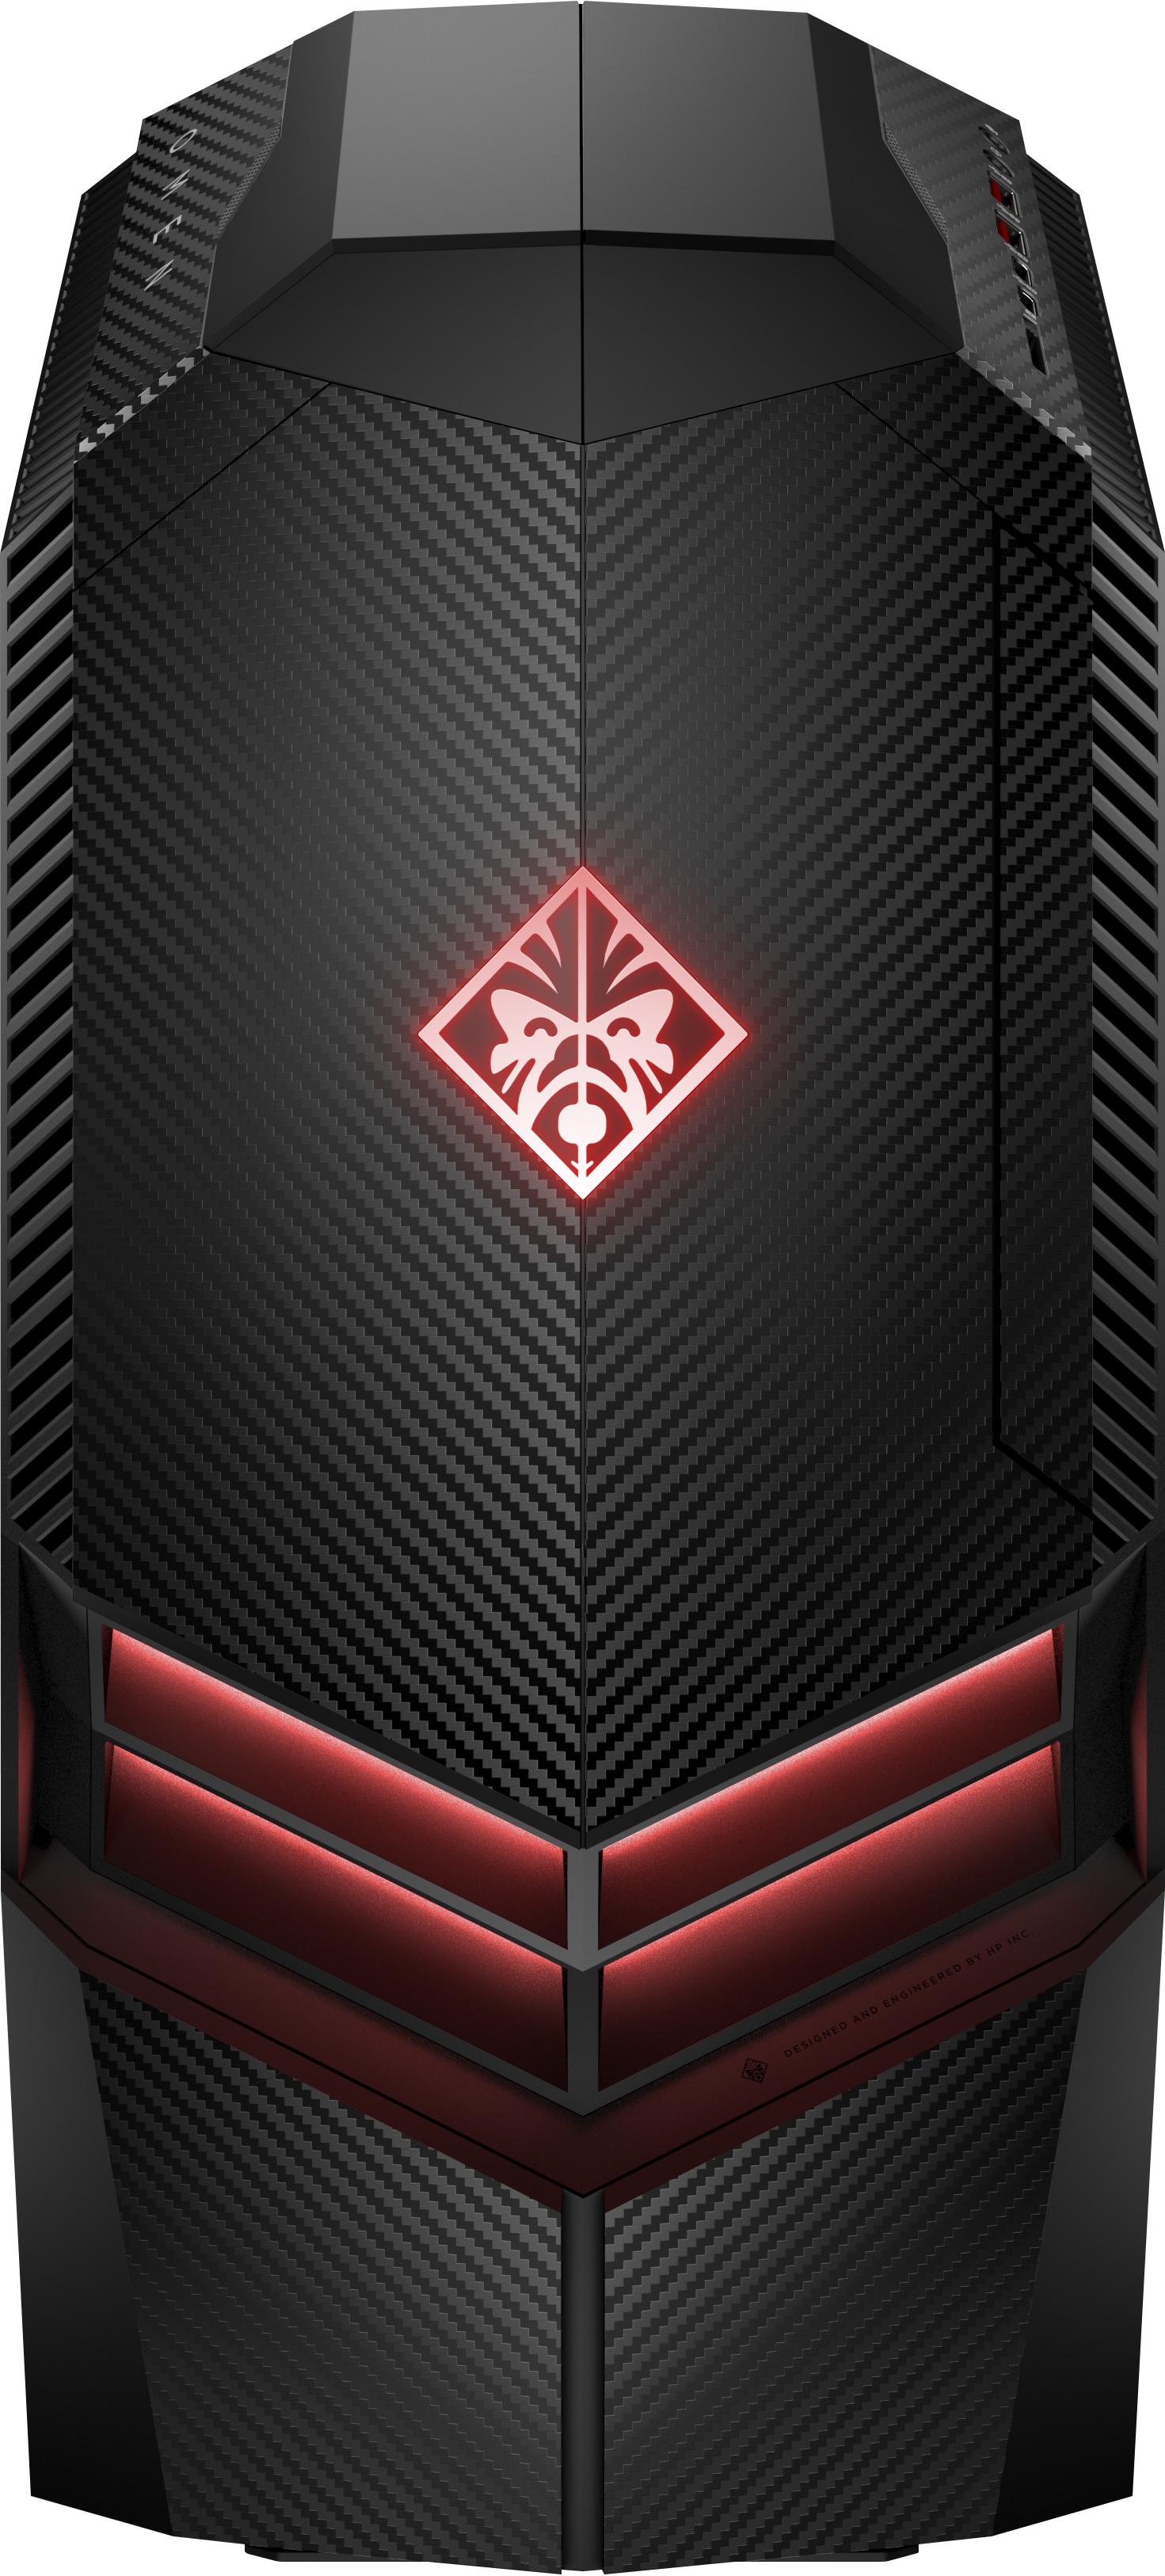 HP OMEN 880-184jp 3.7GHz i7-8700K Scrivania Nero PC